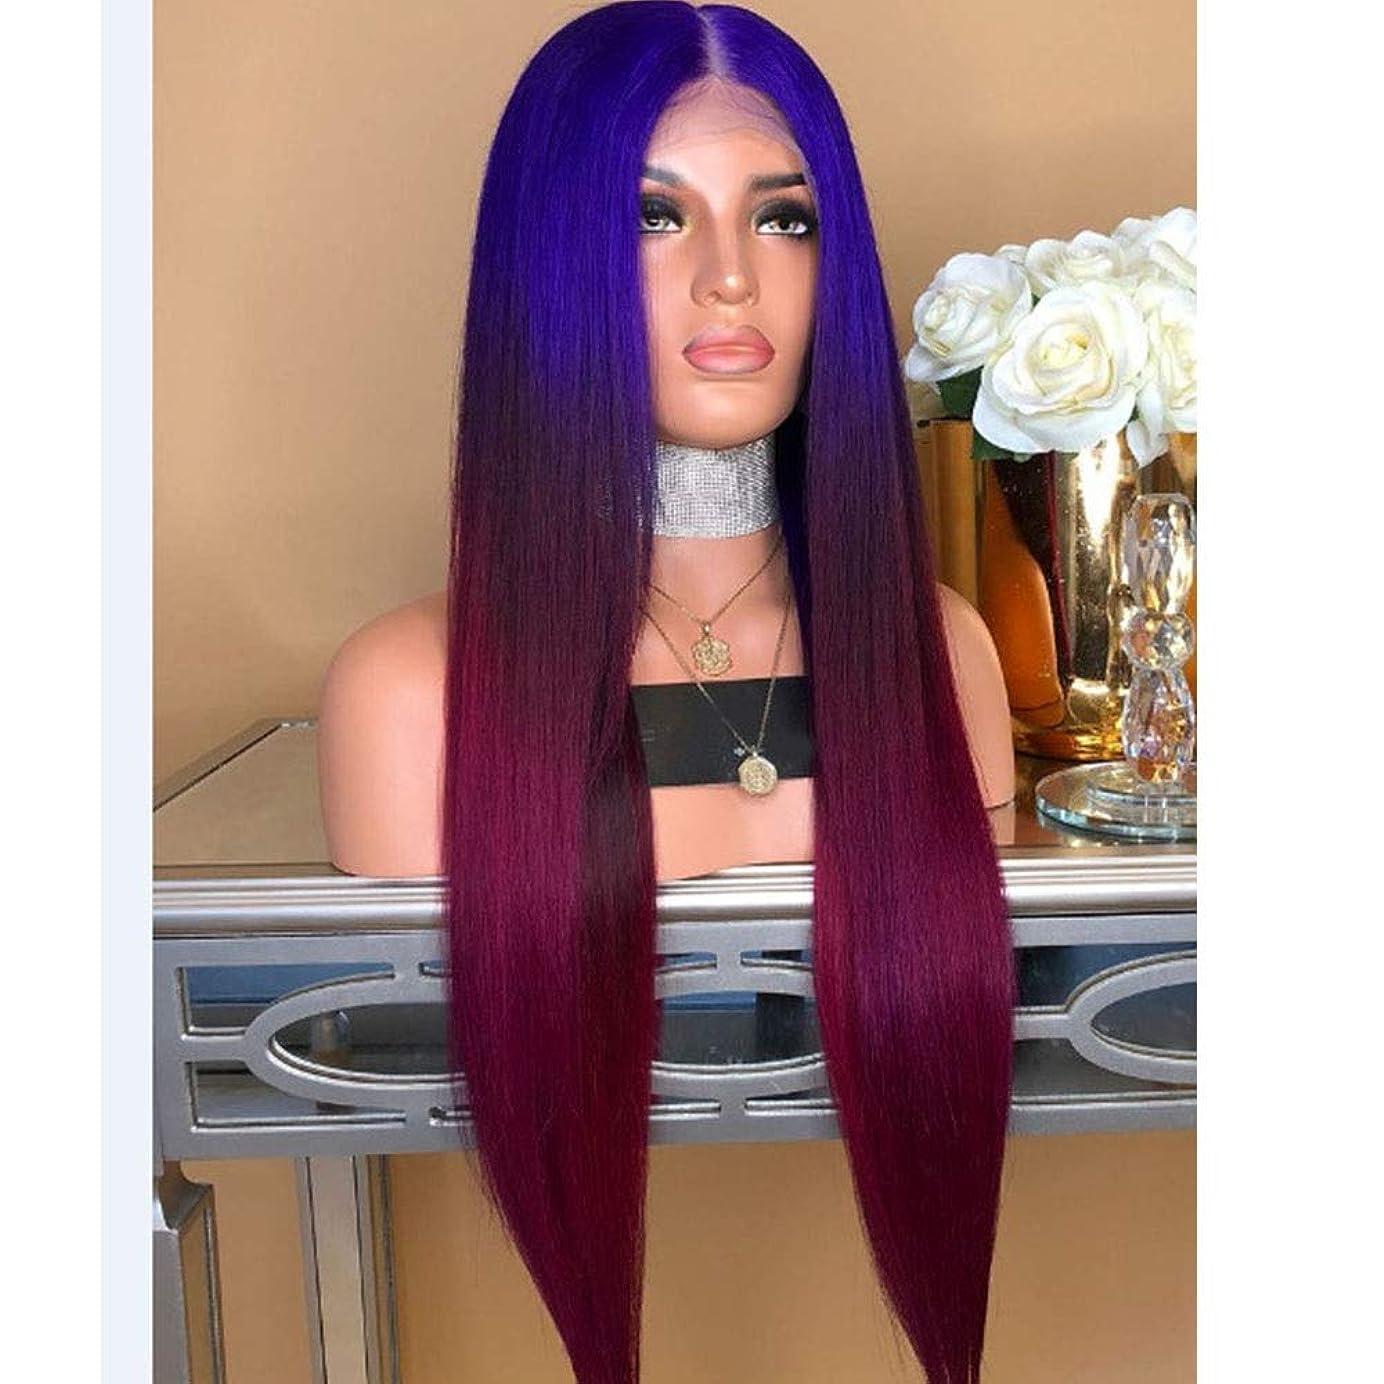 成功恐ろしい慈悲深いBOBIDYEE 女性のミディアムストレートヘア三色グラデーションウィッグ耐熱ミドルウィッグ女性のための合成ヘアレースウィッグロールプレイングかつら (色 : Photo Color)